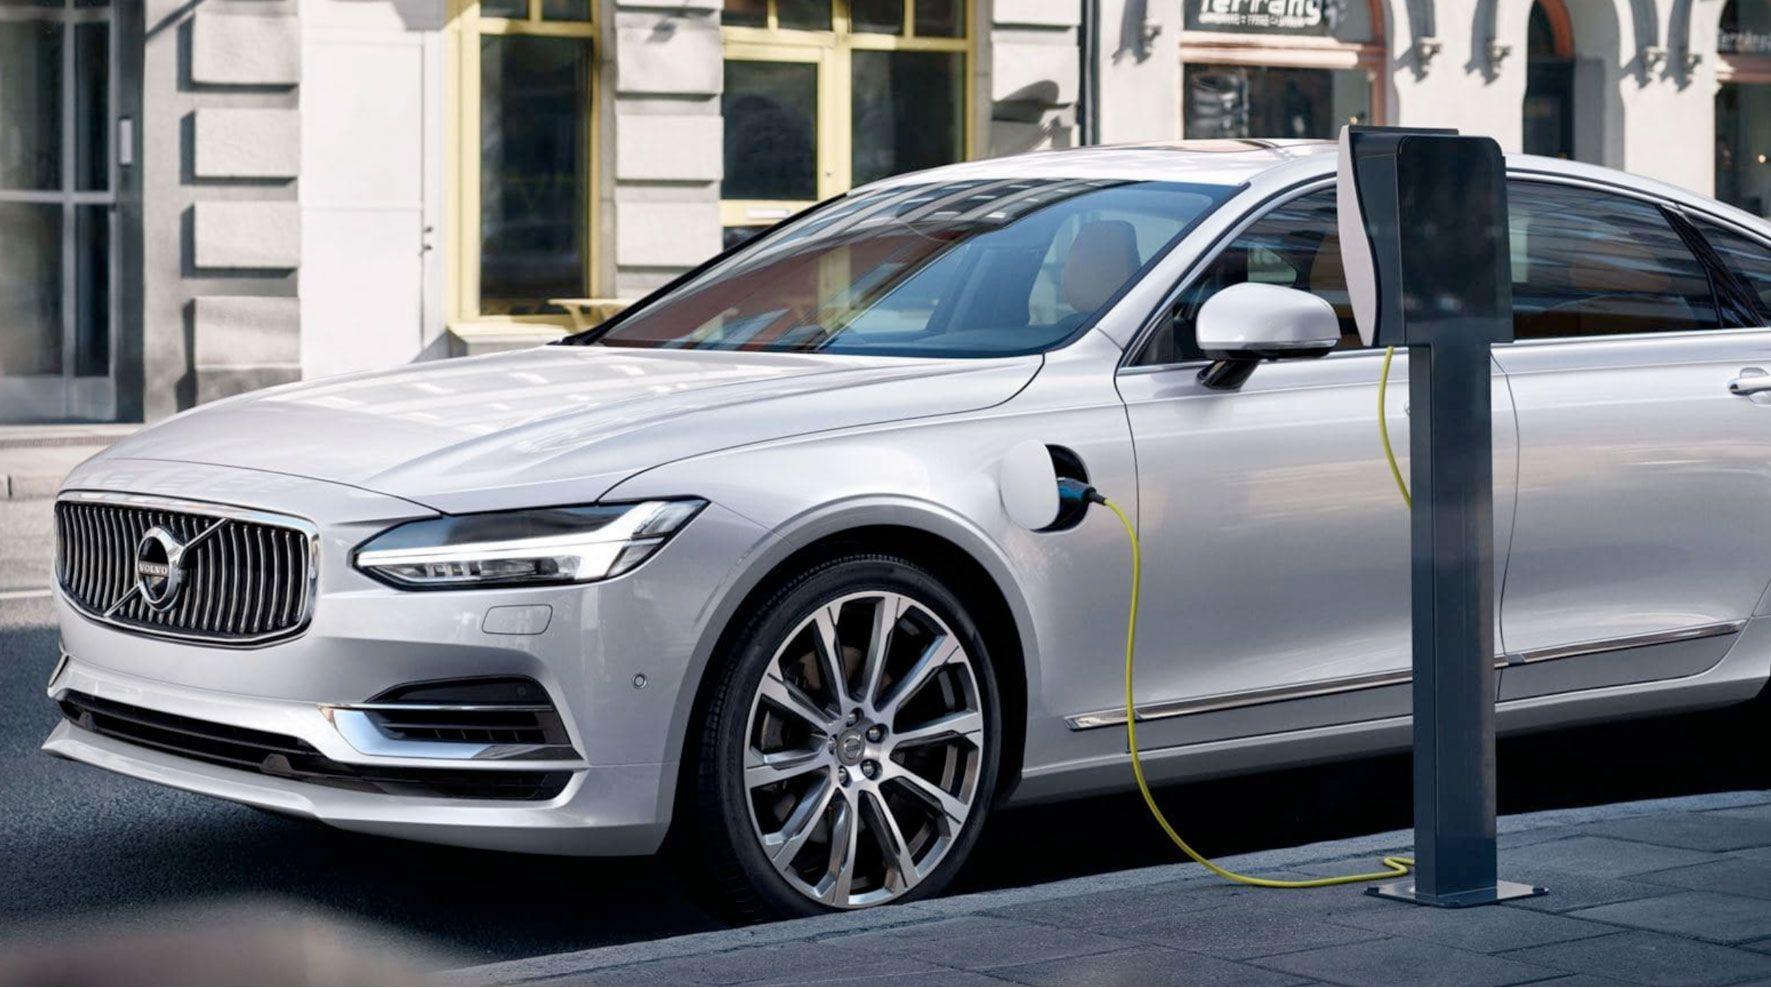 Vehículos eléctricos, estrategia Volvo 2019-2021